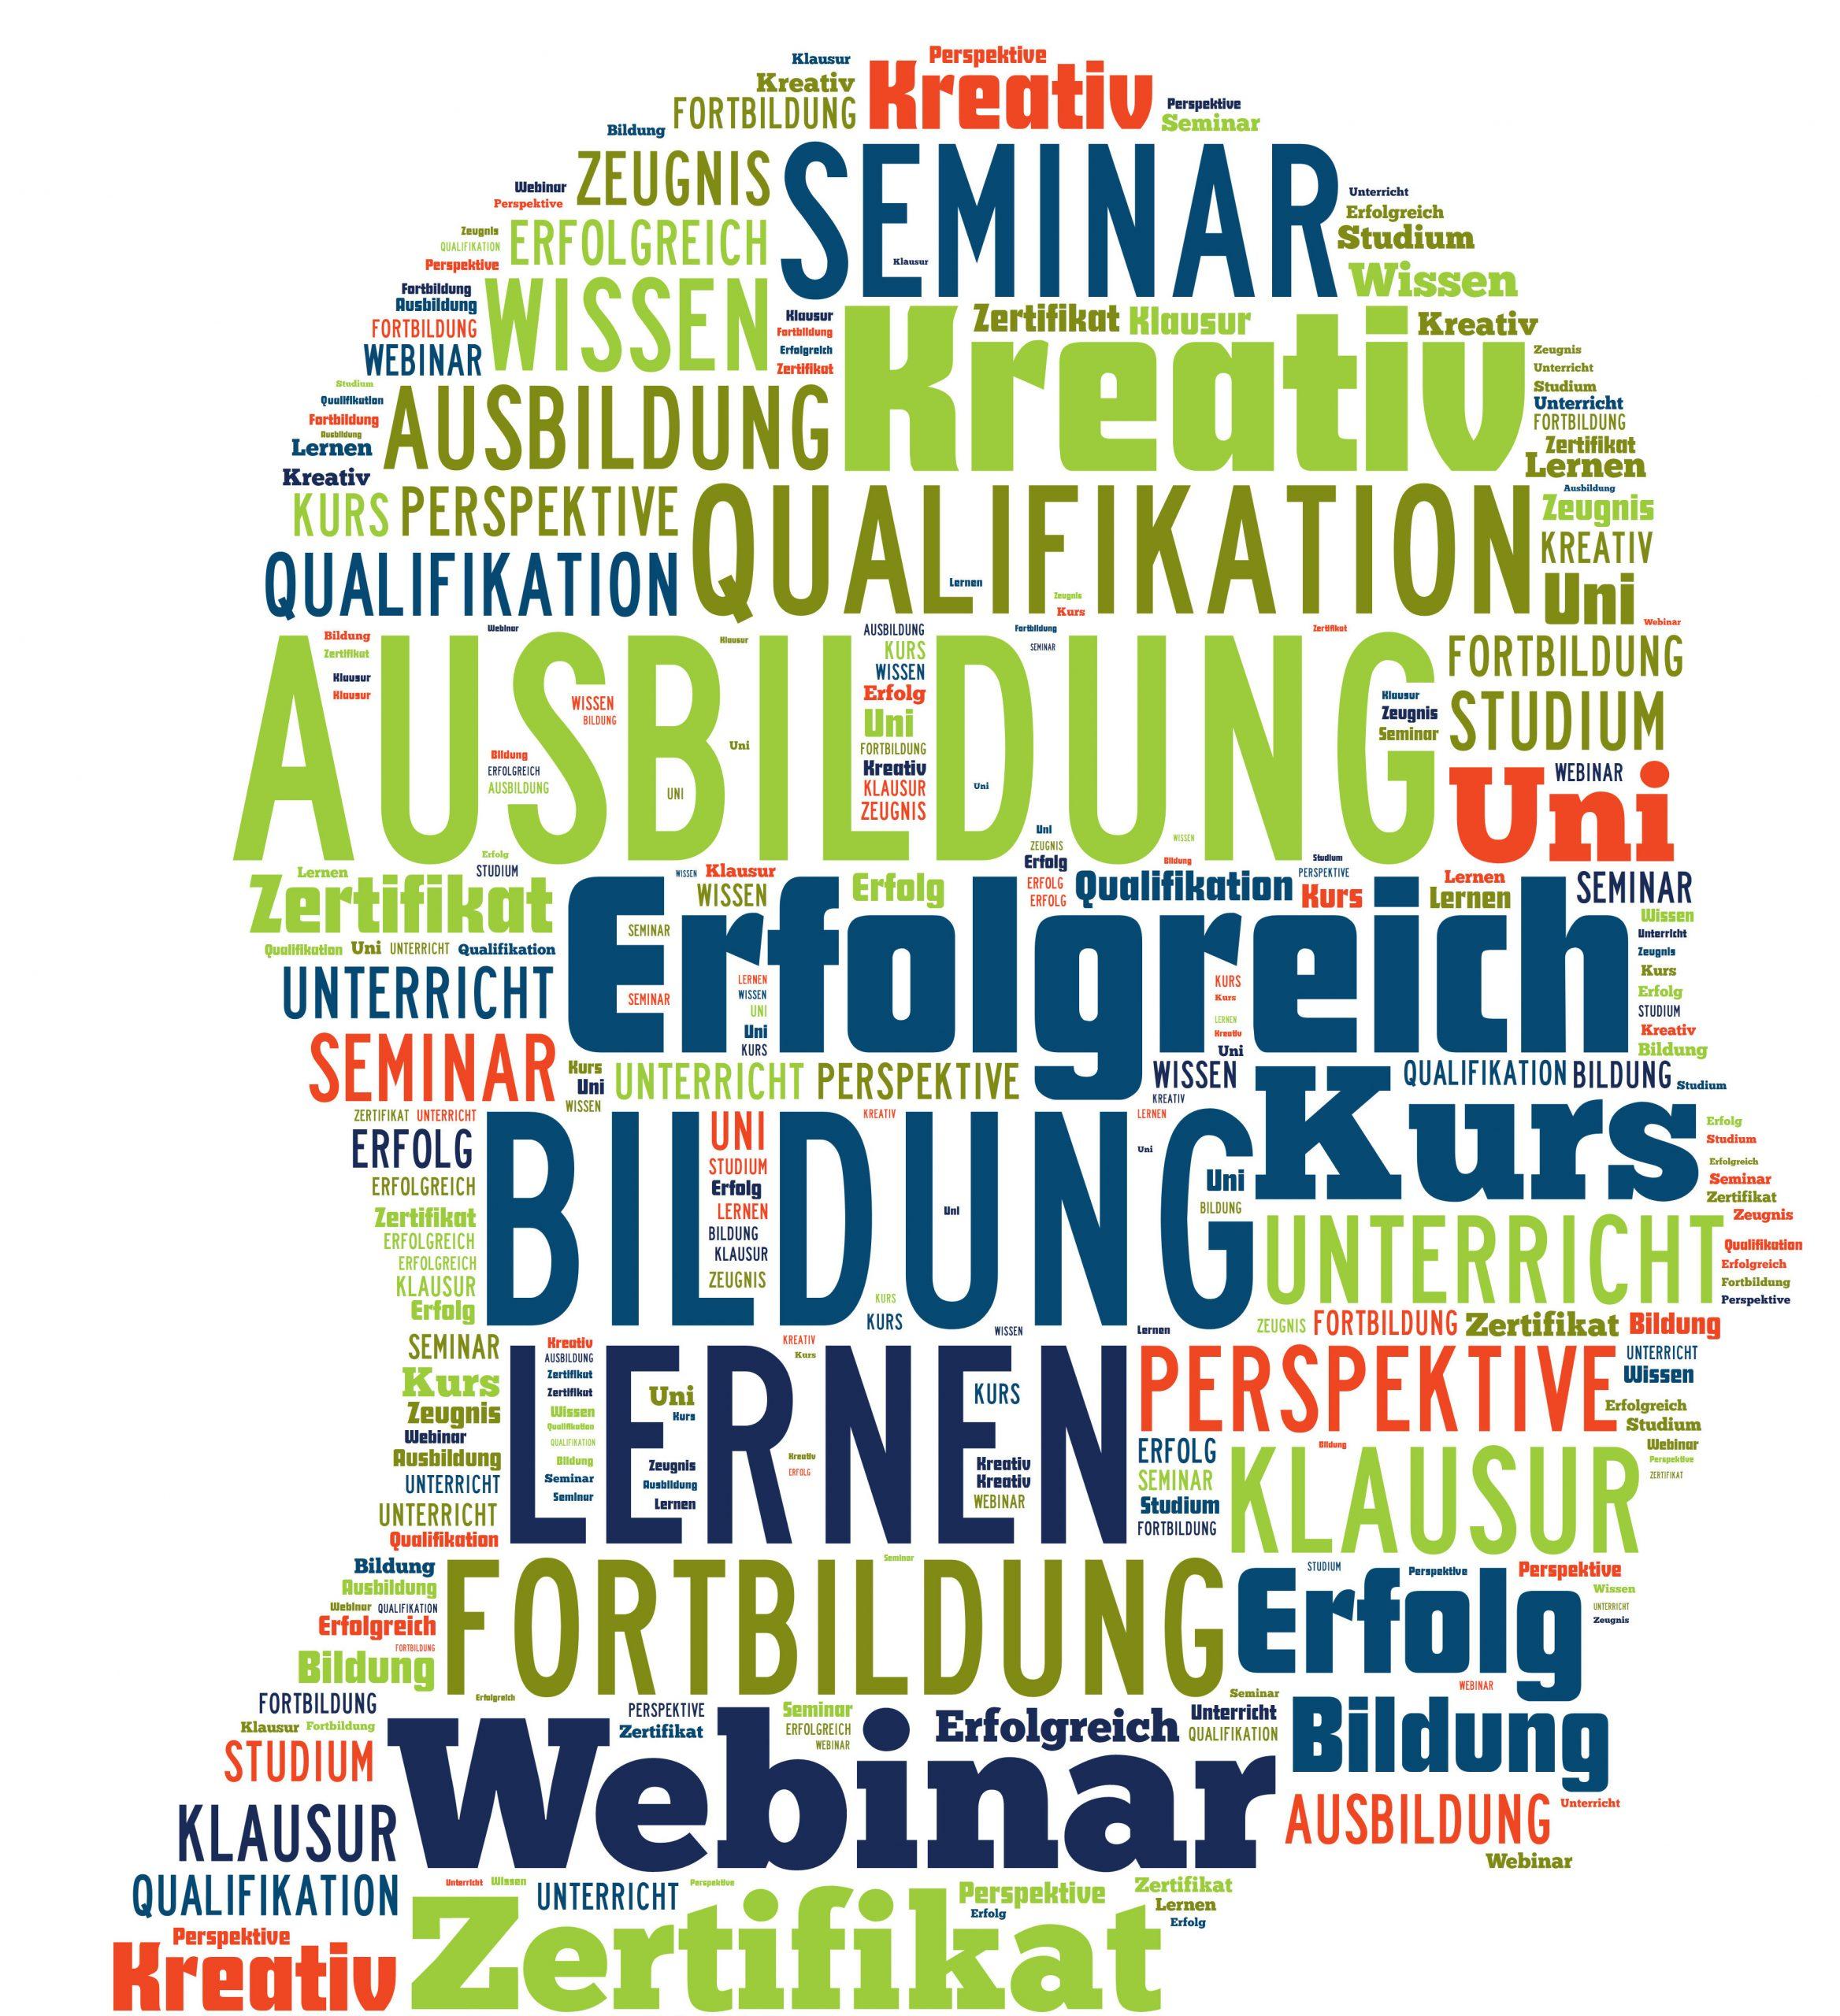 Informations- und Beratungsinstrumentes zur Stärken-Schwächen-Diagnostik und zur Verbesserung der Arbeitgeber-Attraktivität für KMU im Saarland